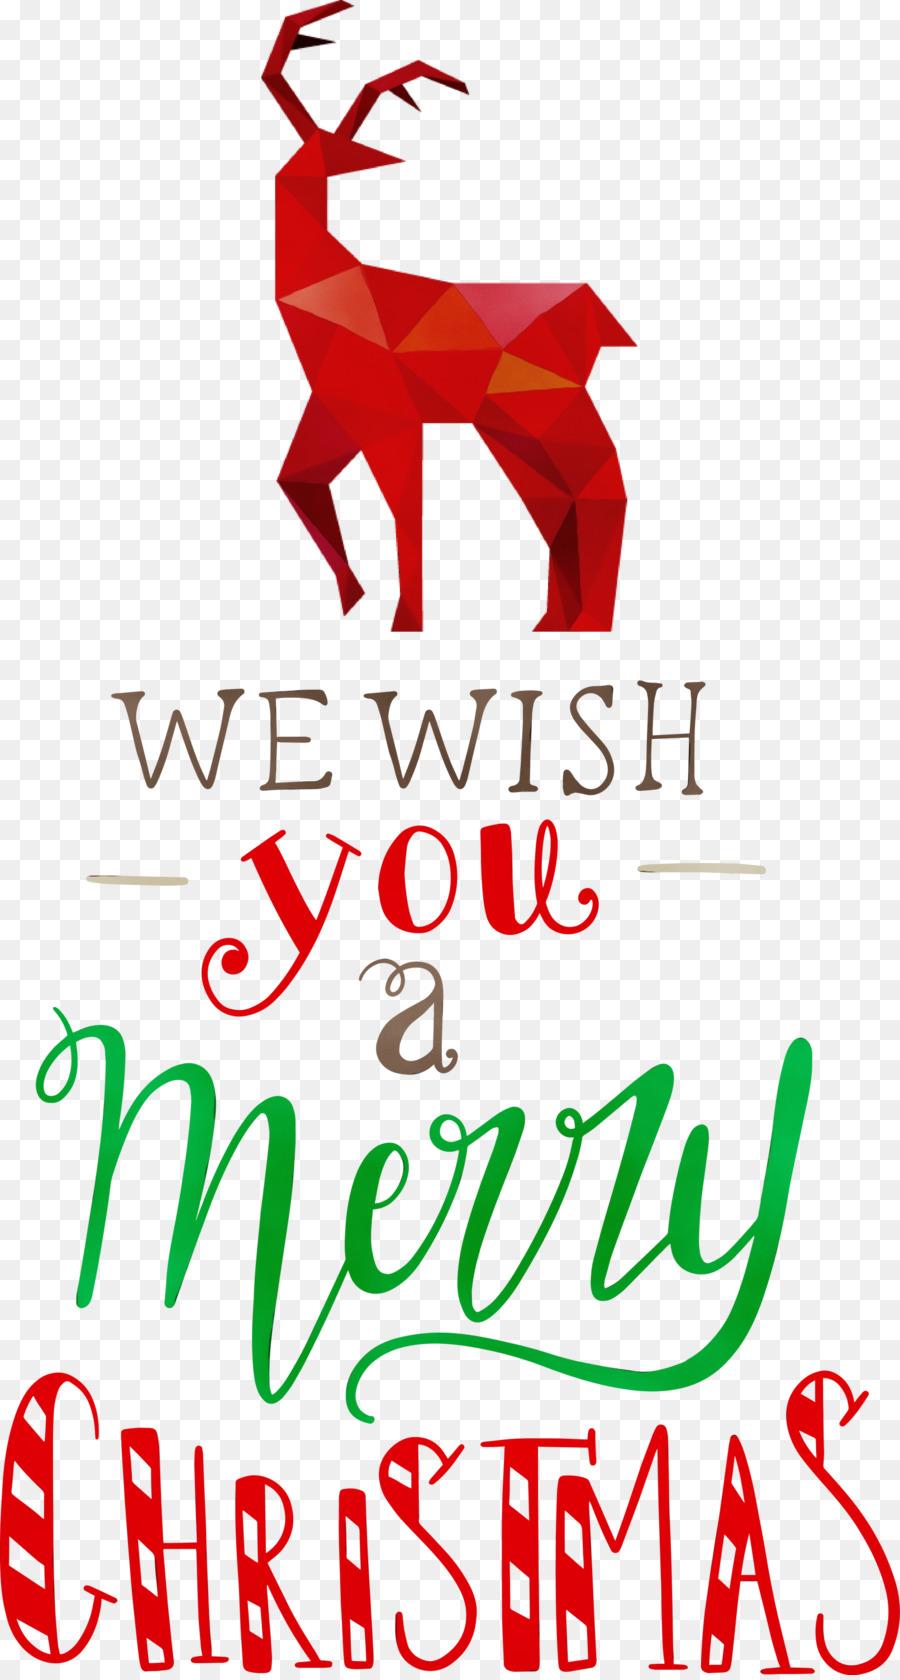 Descarga gratuita de Christmas Day, Le Deseamos Una Feliz Navidad, Santa Claus Imágen de Png